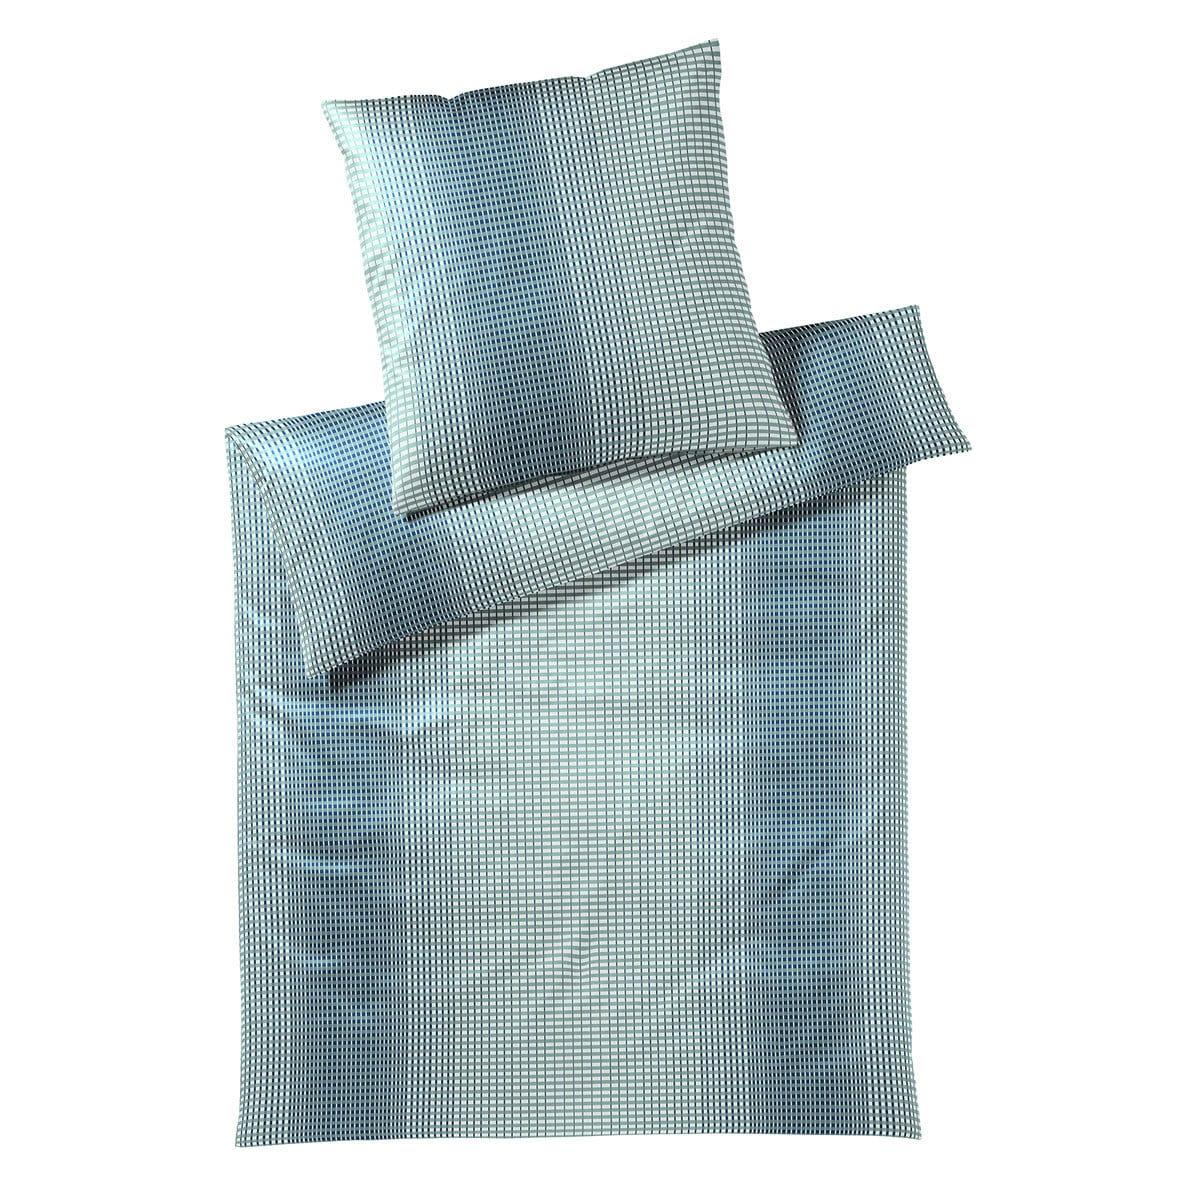 elegante jersey bettw sche grid mint blau g nstig online kaufen bei bettwaren shop. Black Bedroom Furniture Sets. Home Design Ideas